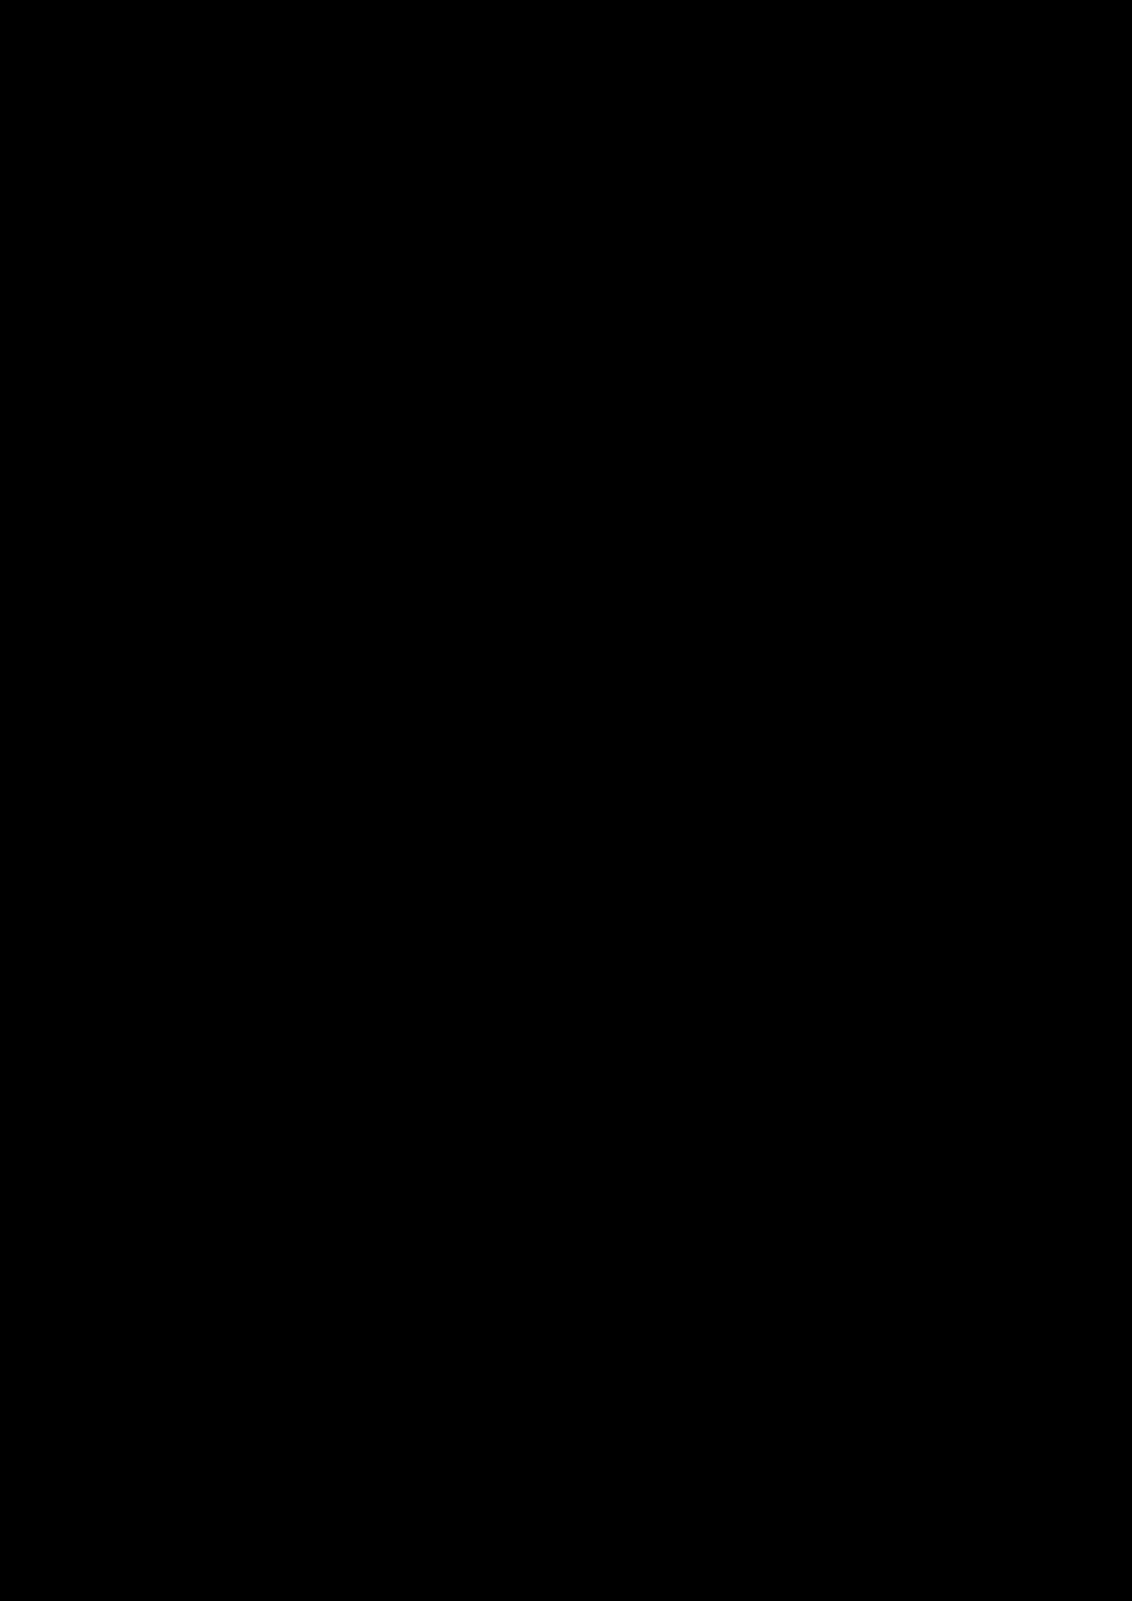 Zagadka volshebnoy stranyi slide, Image 80